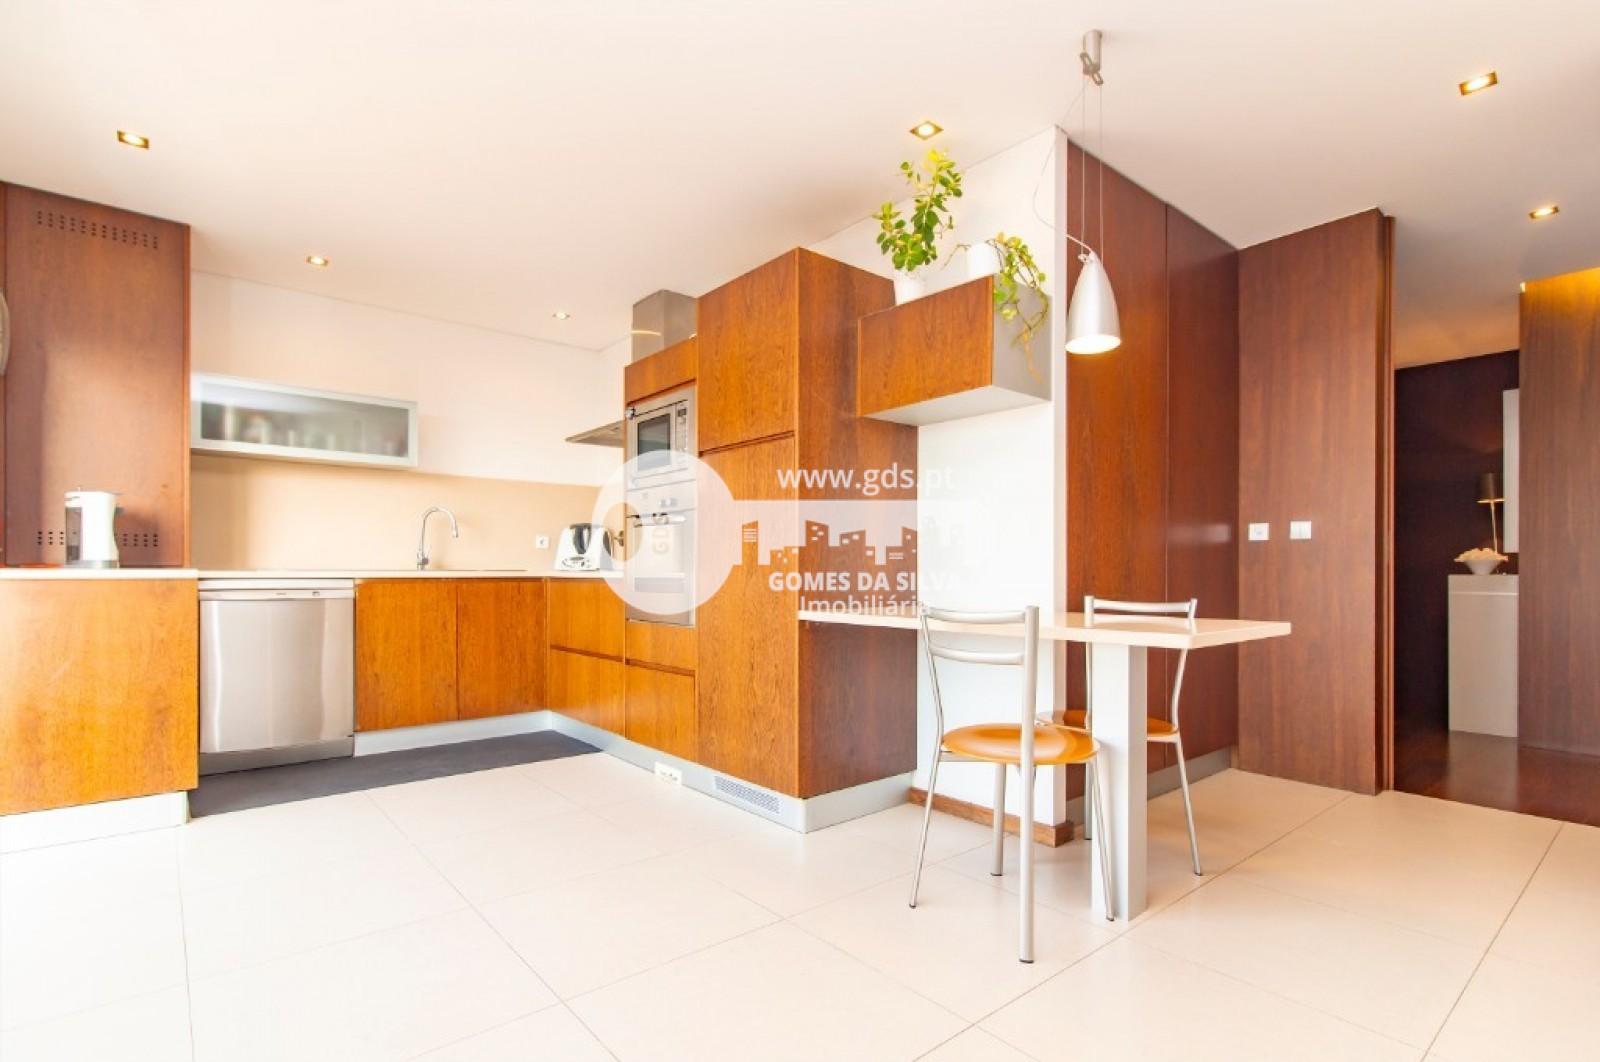 Apartamento T3 para Venda em Nogueira, Fraião e Lamaçães, Braga, Braga - Imagem 22